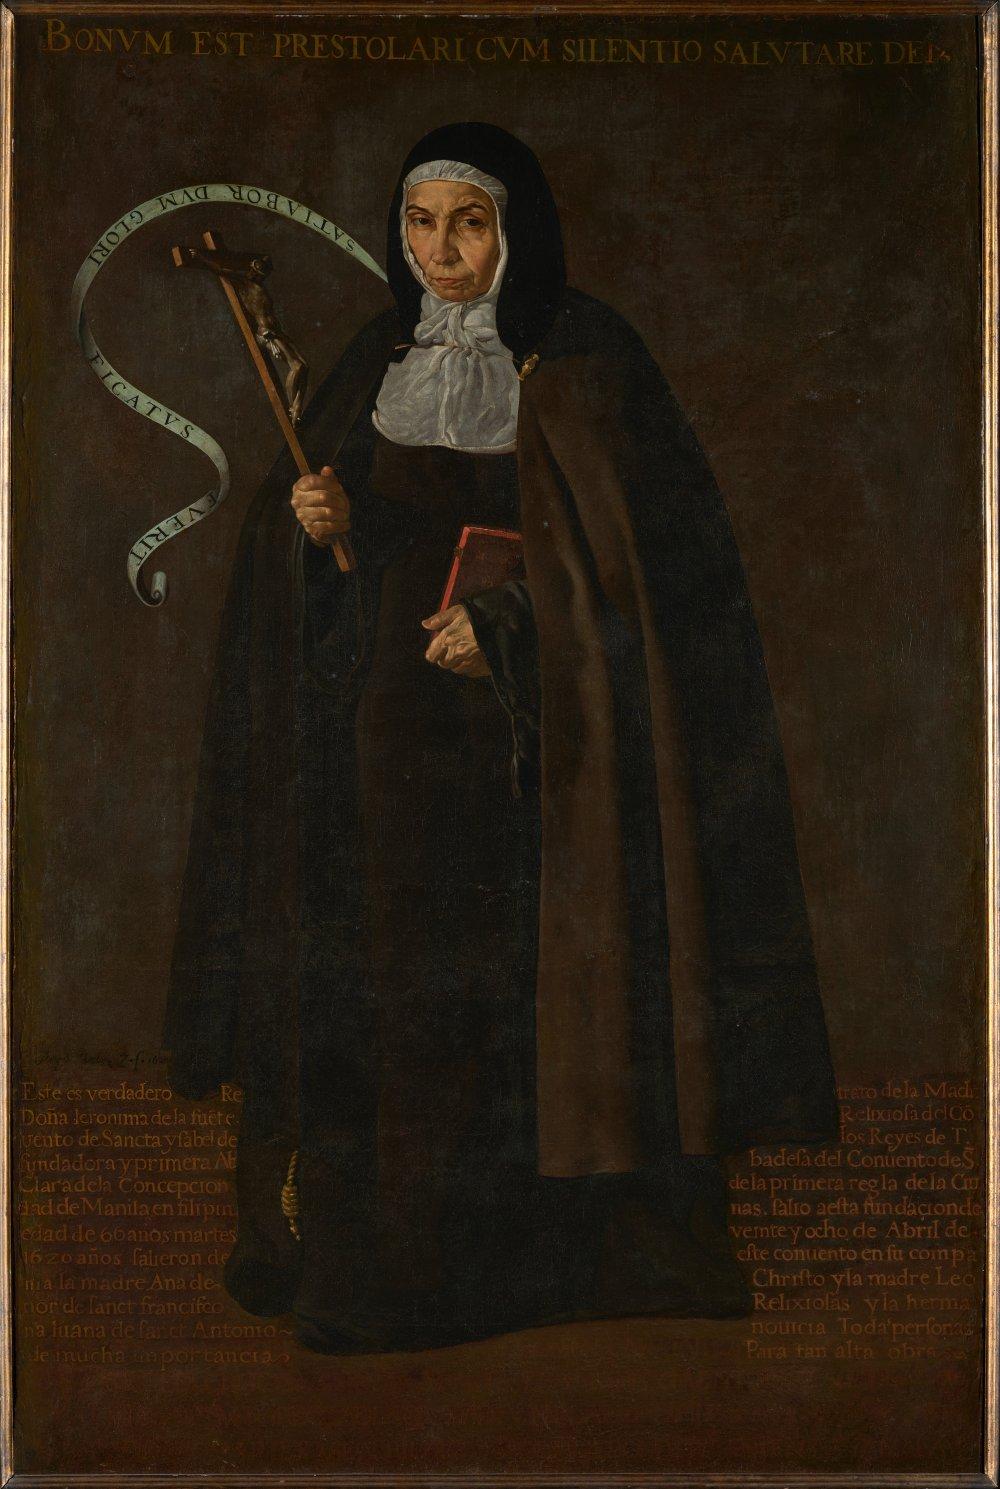 Mother Jerónima de la Fuente